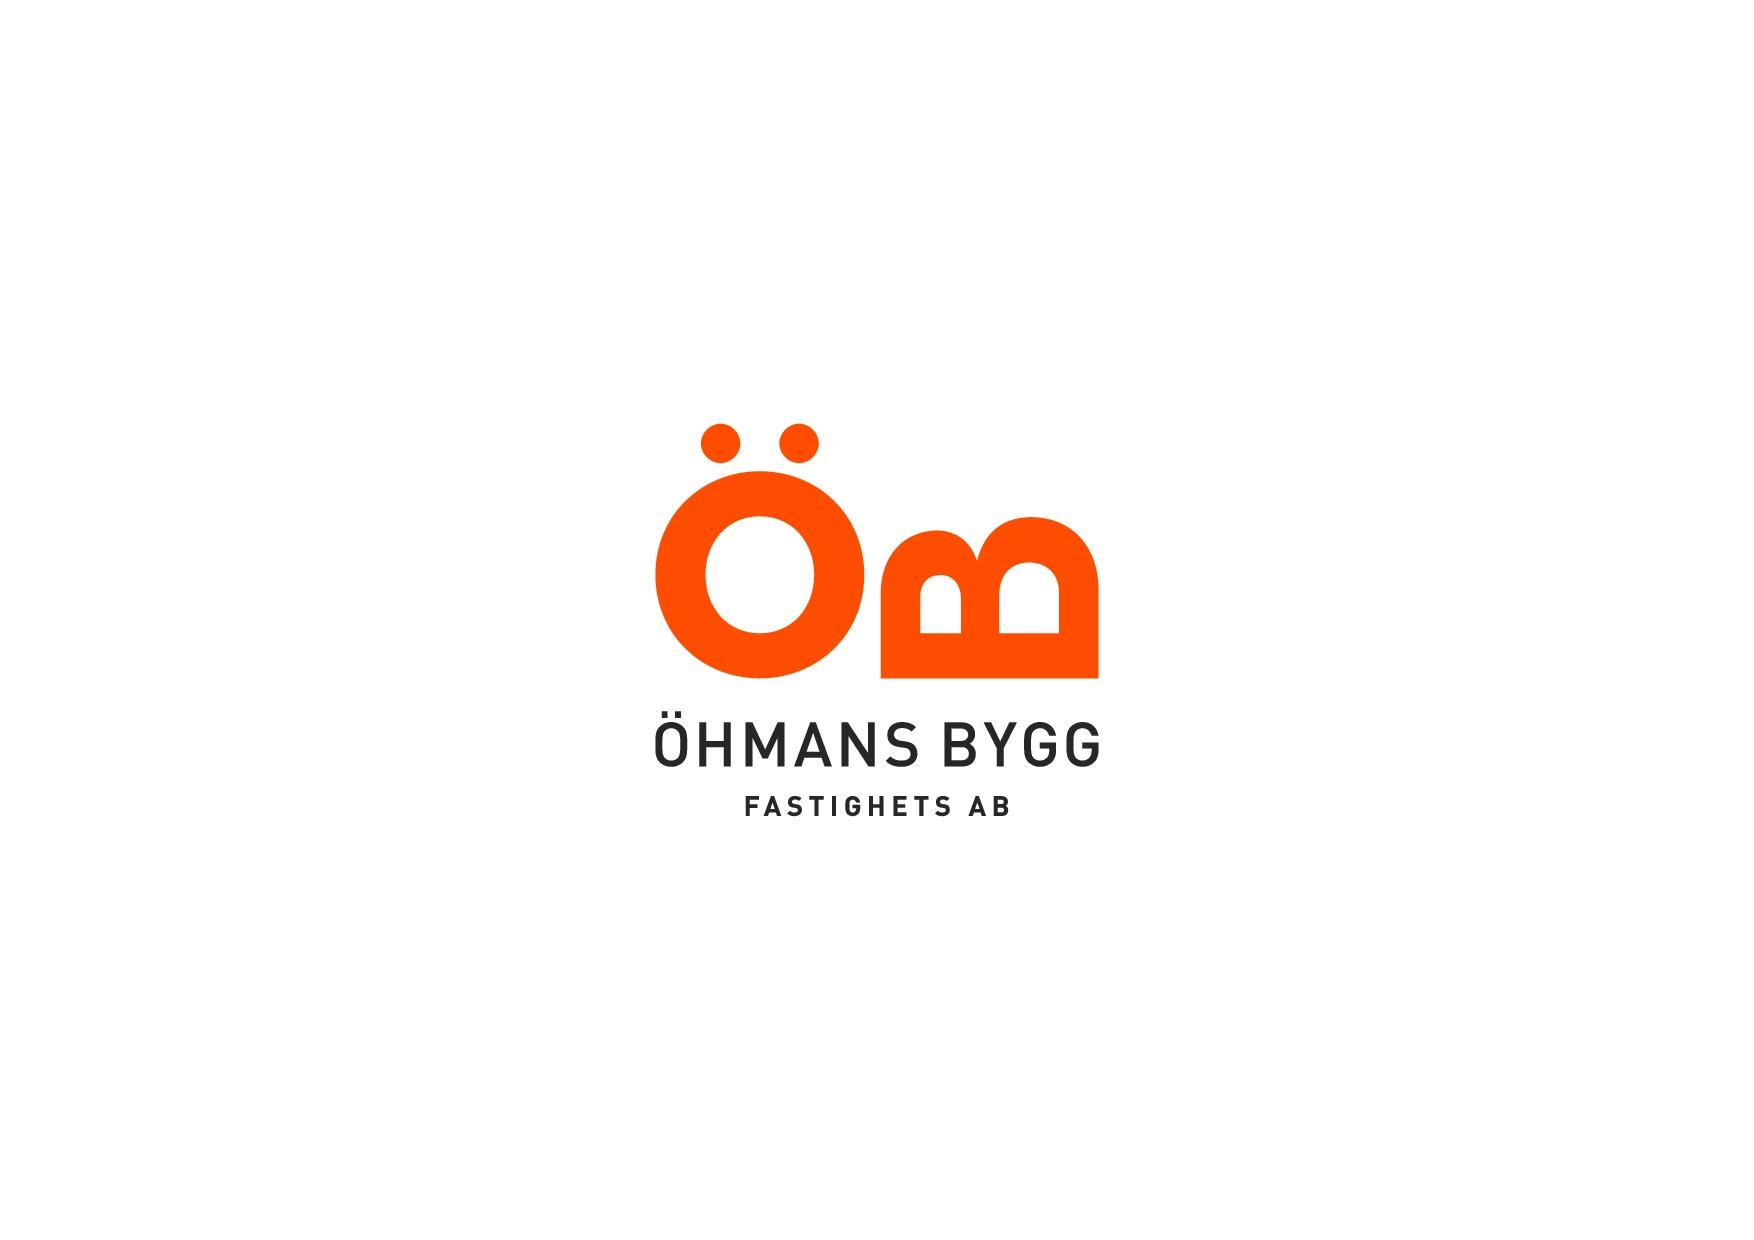 Ohmans Bygg